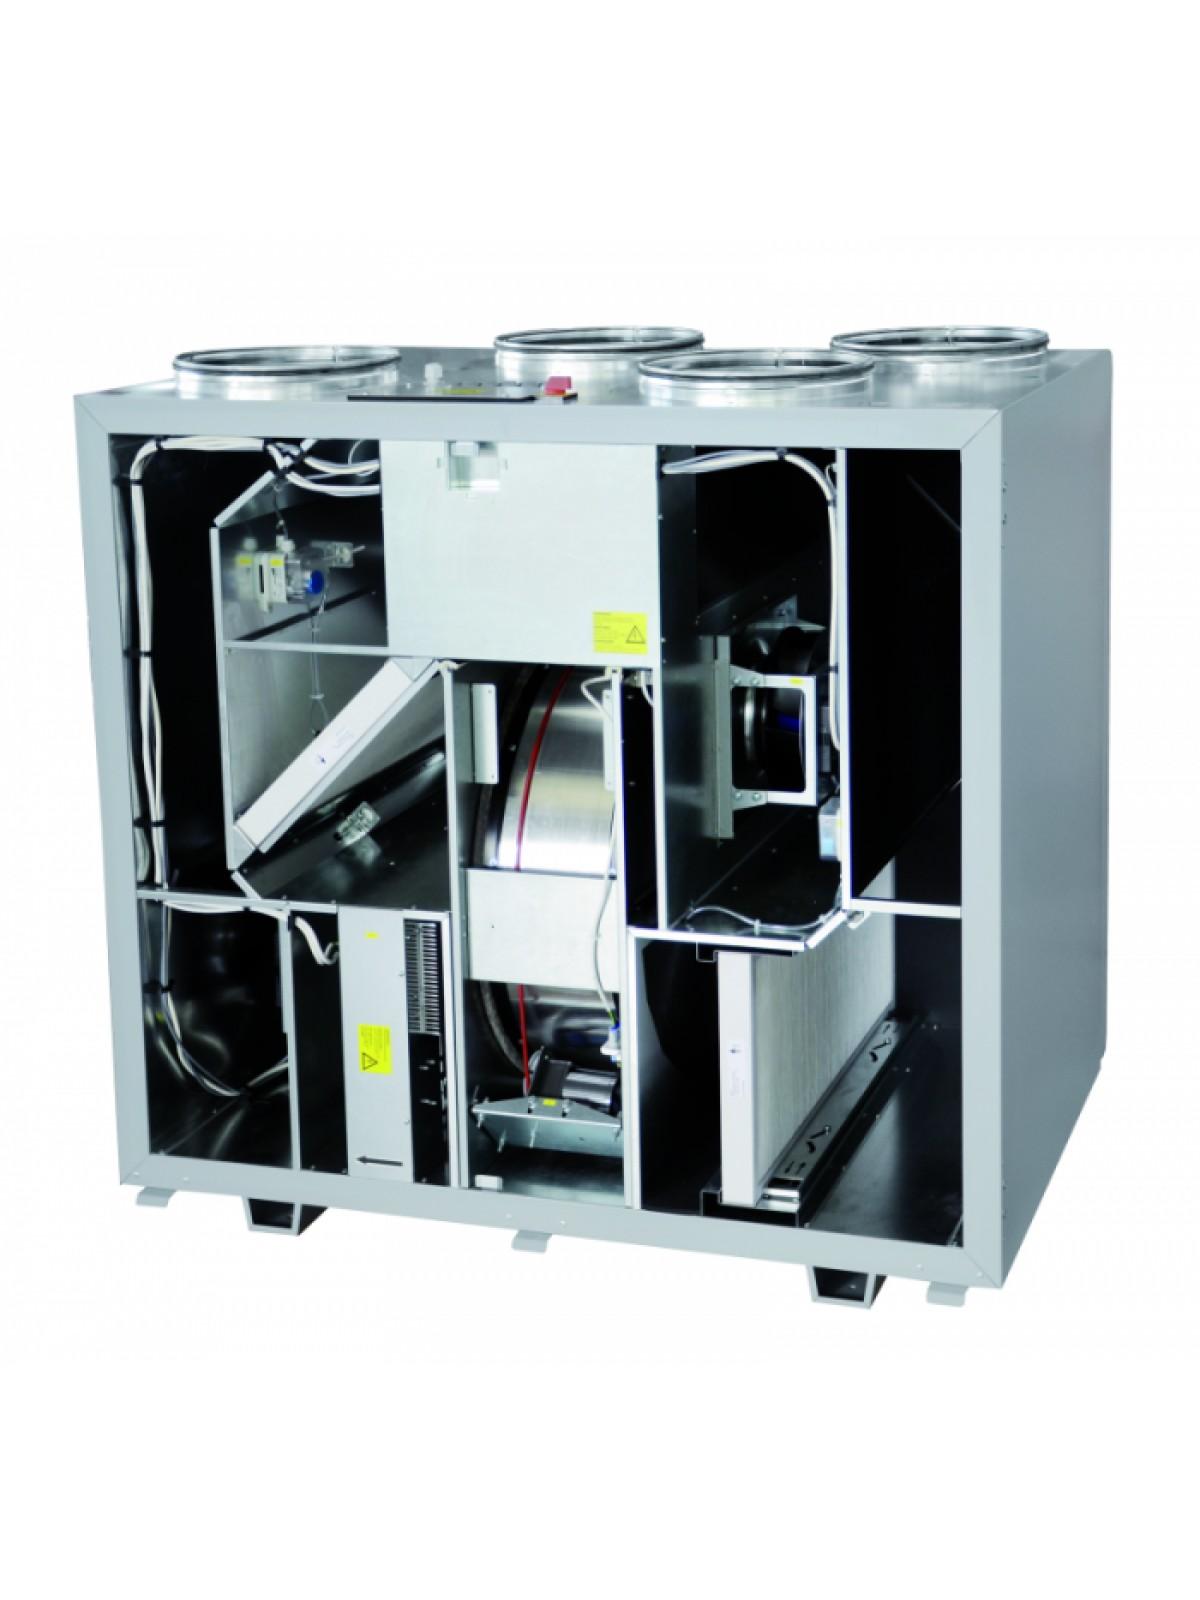 Монтаж приточных установок системы вентиляции производительностью от 1200 до 2000 м3/ч